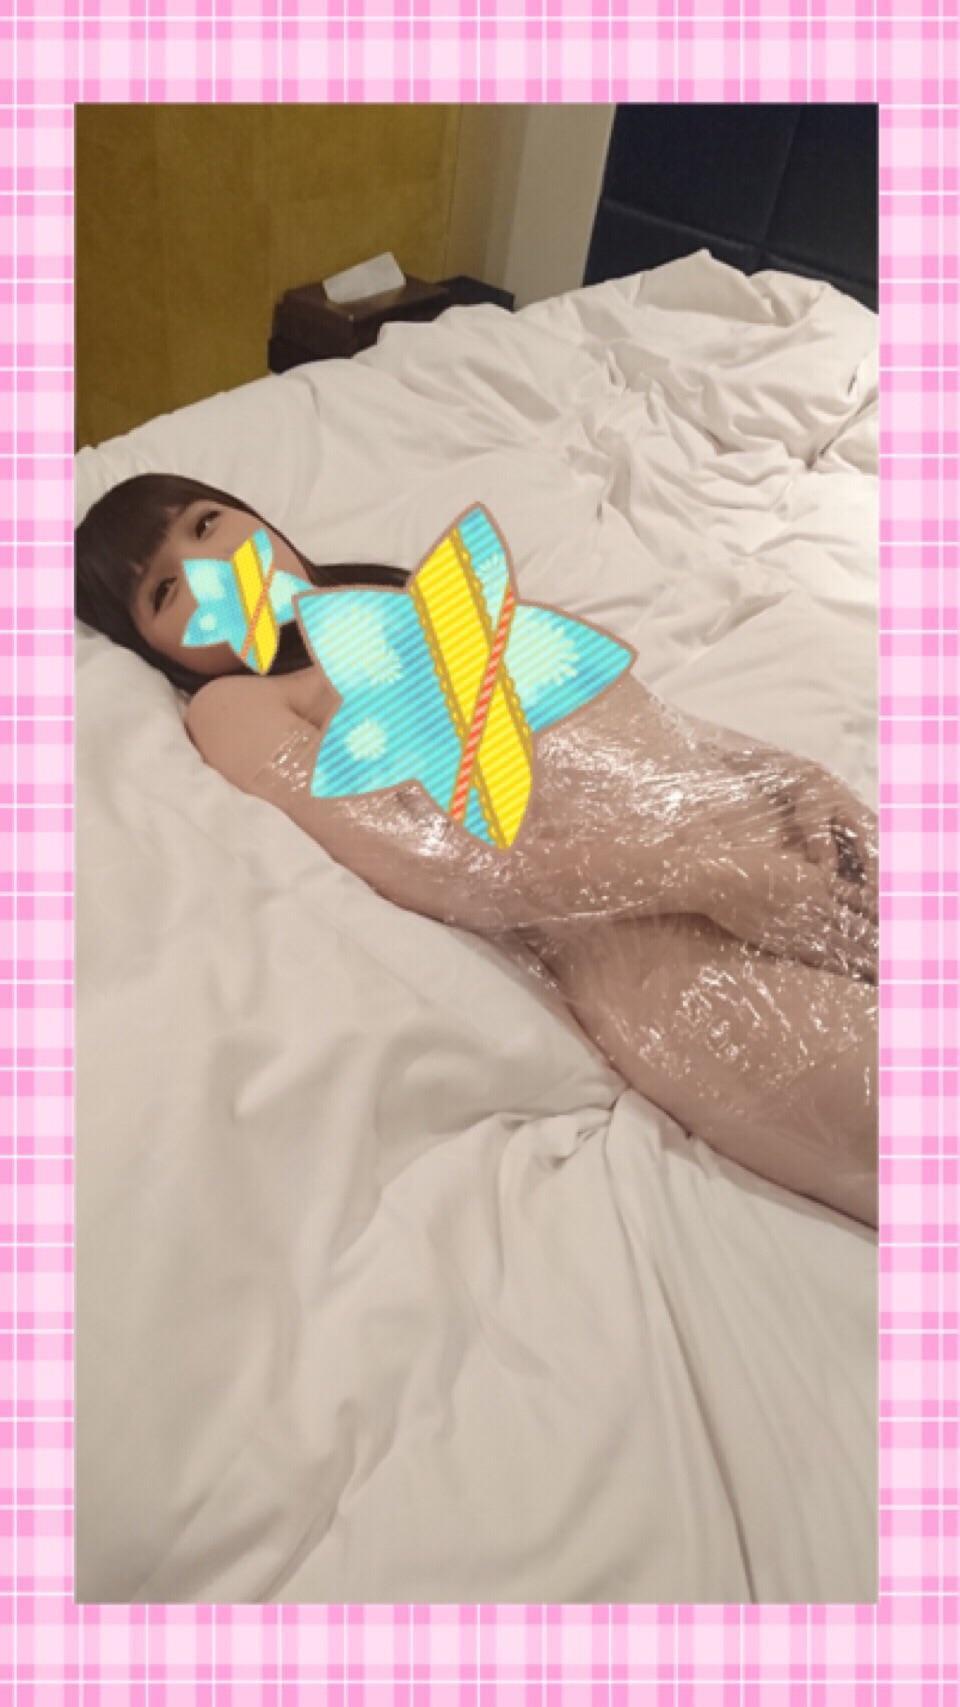 「な♪♪〜るゅるるるる(((o(*?▽?*)o)))?」09/23(日) 23:04   成宮の写メ・風俗動画